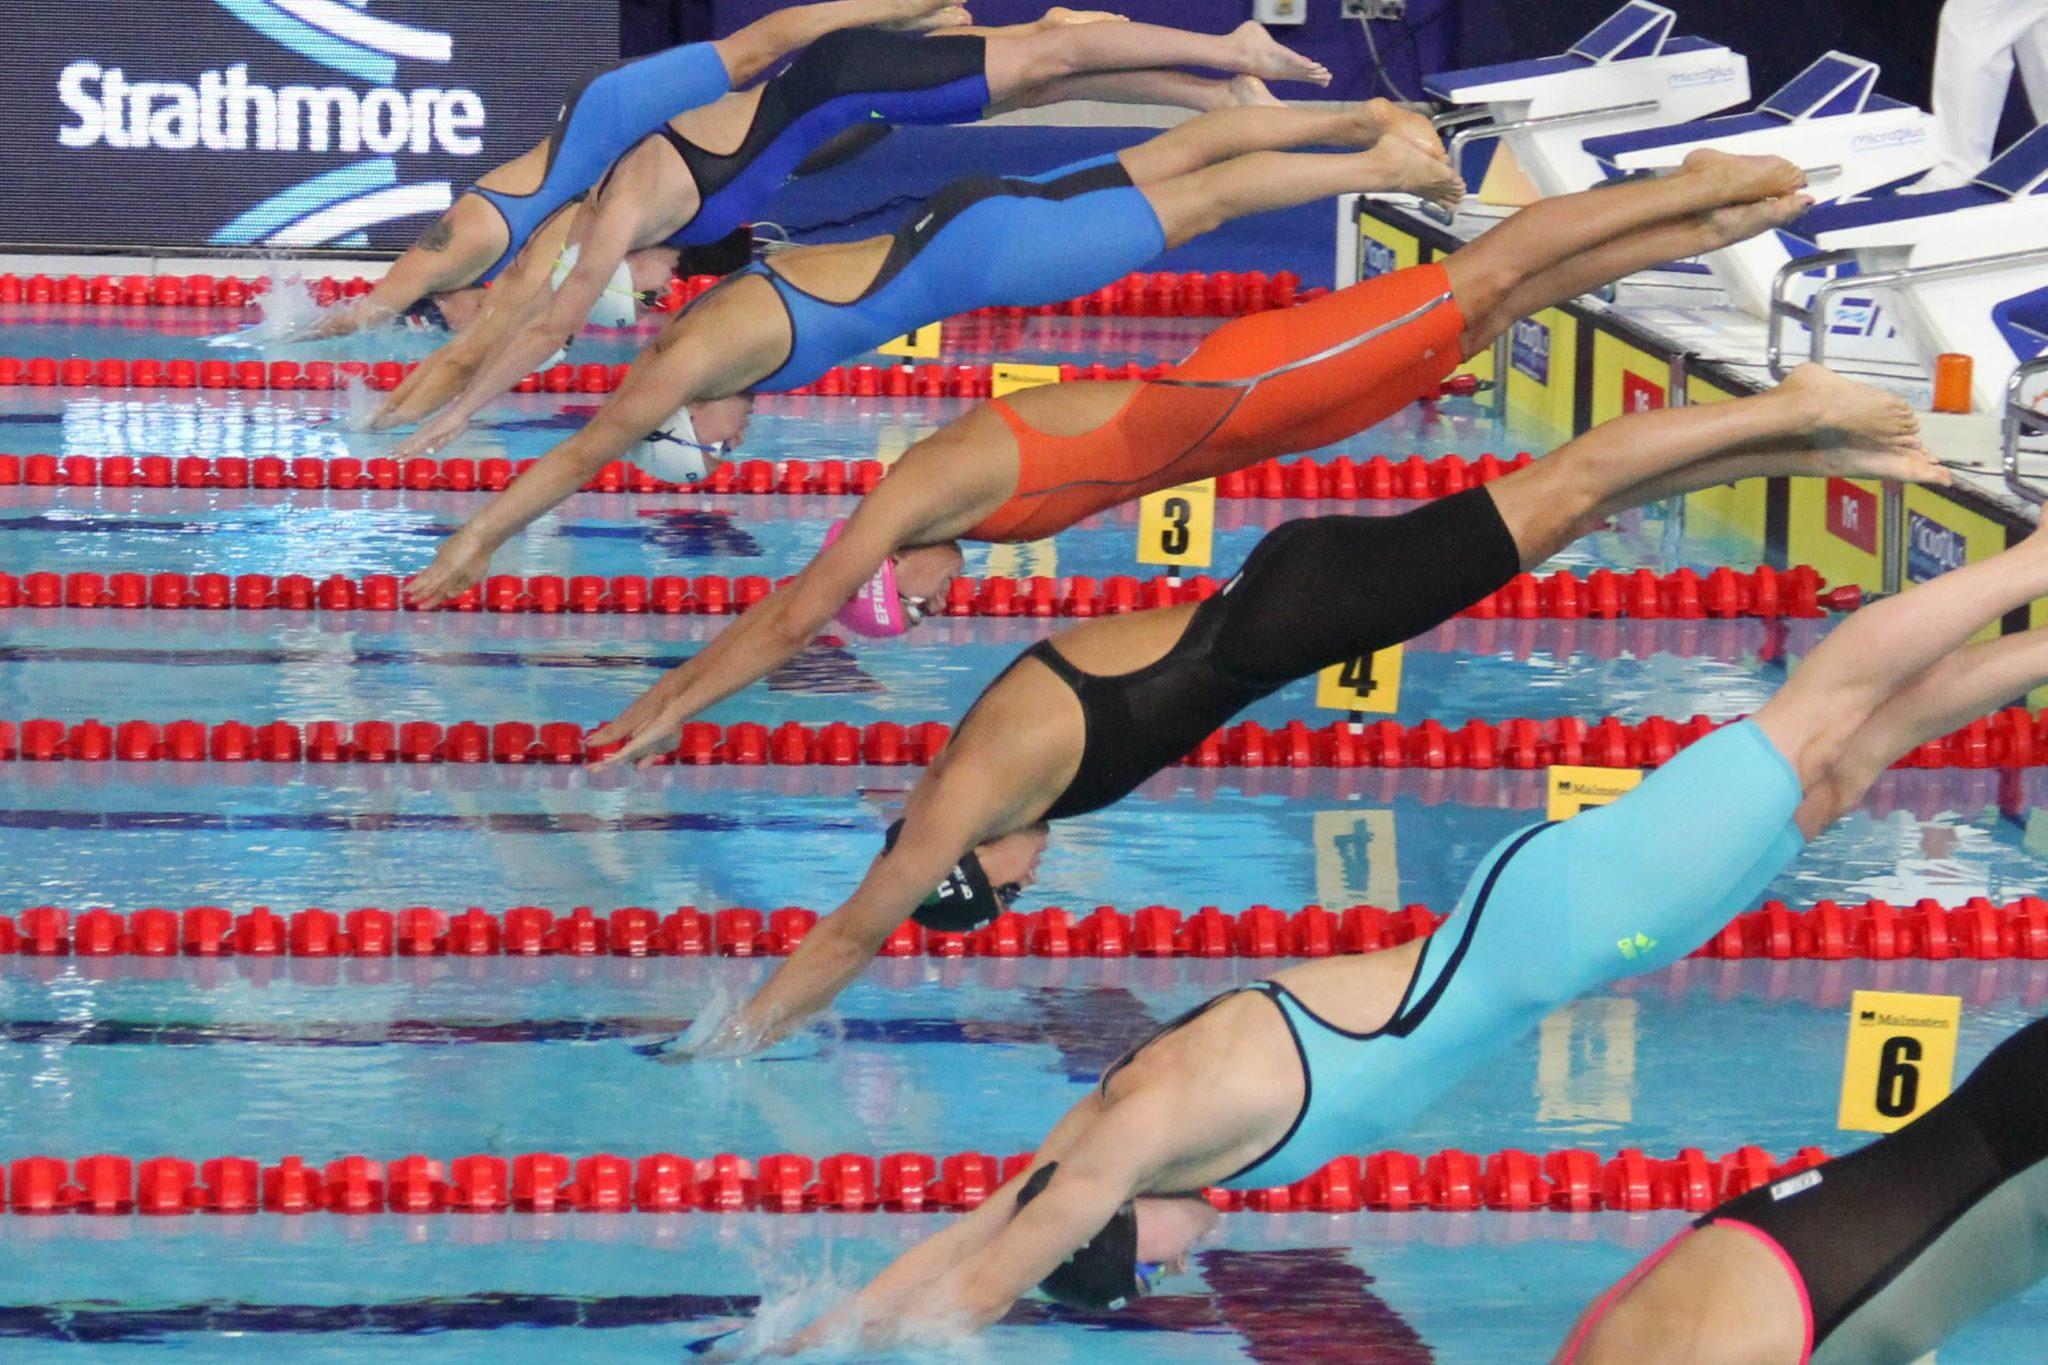 Fin Nuoto Calendario Gare.Stagione Nuoto 2018 2019 Il Calendario Delle Gare Ed Il